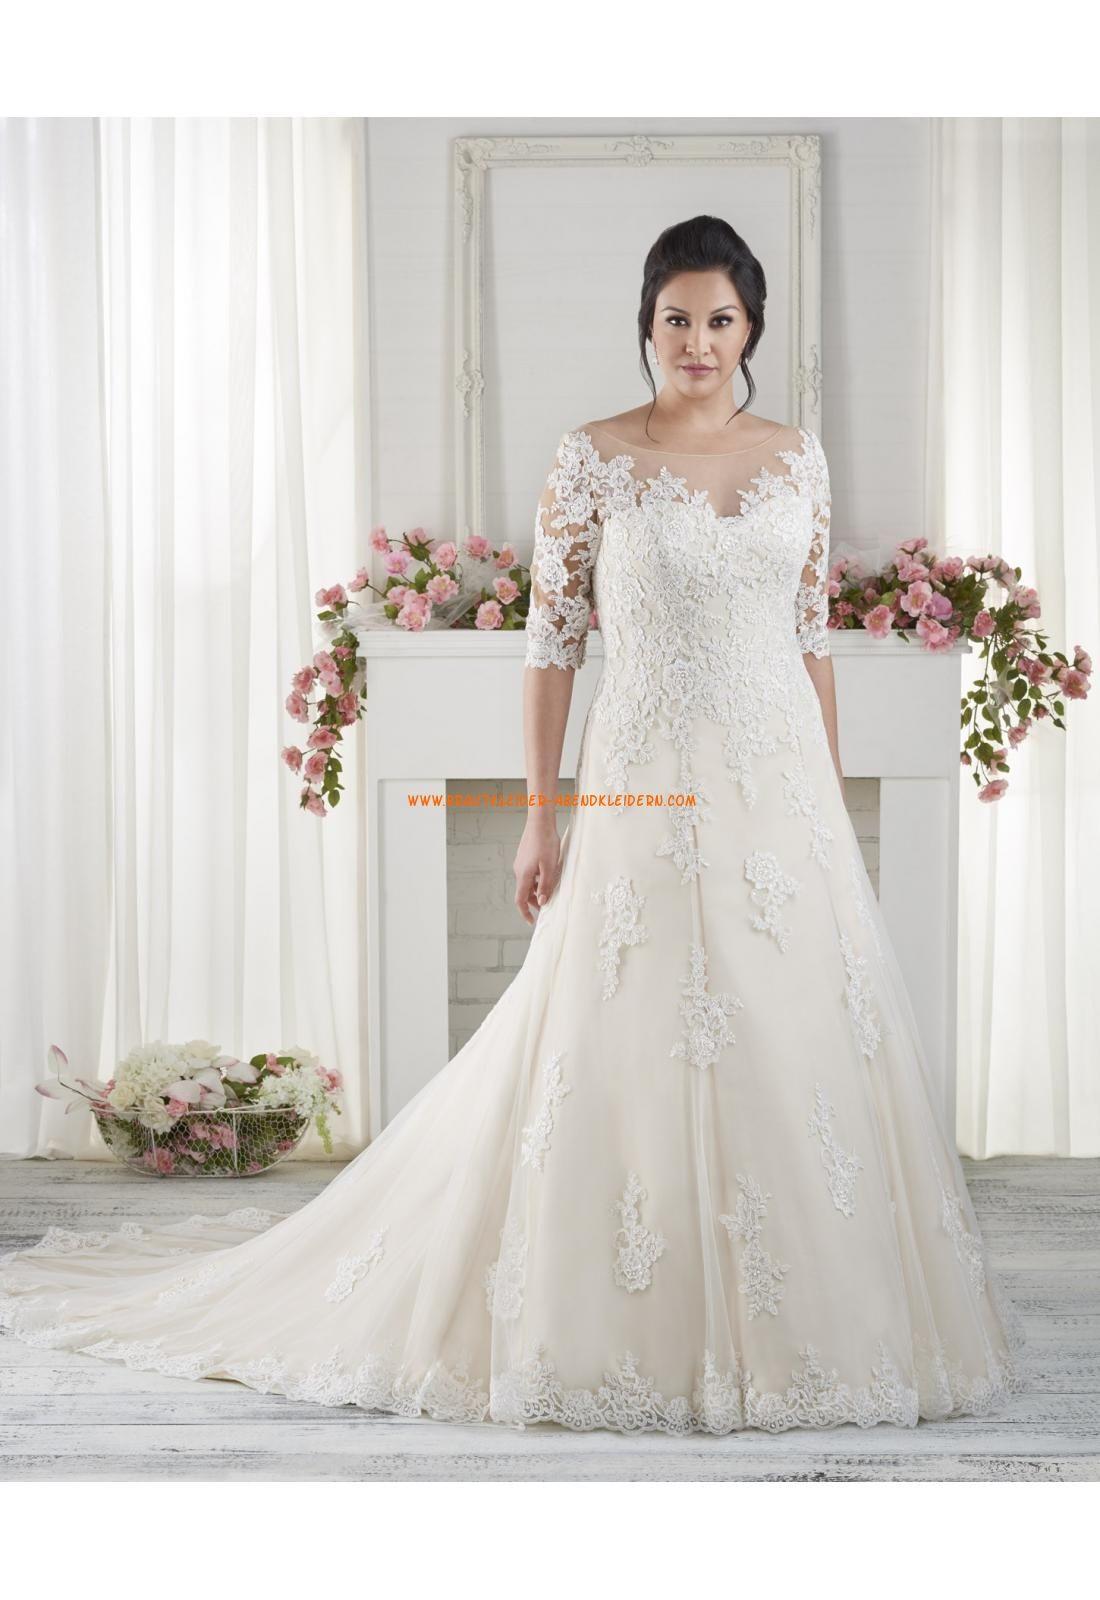 A-linie Modische Schöne Brautkleider aus Tüll mit Appplikation